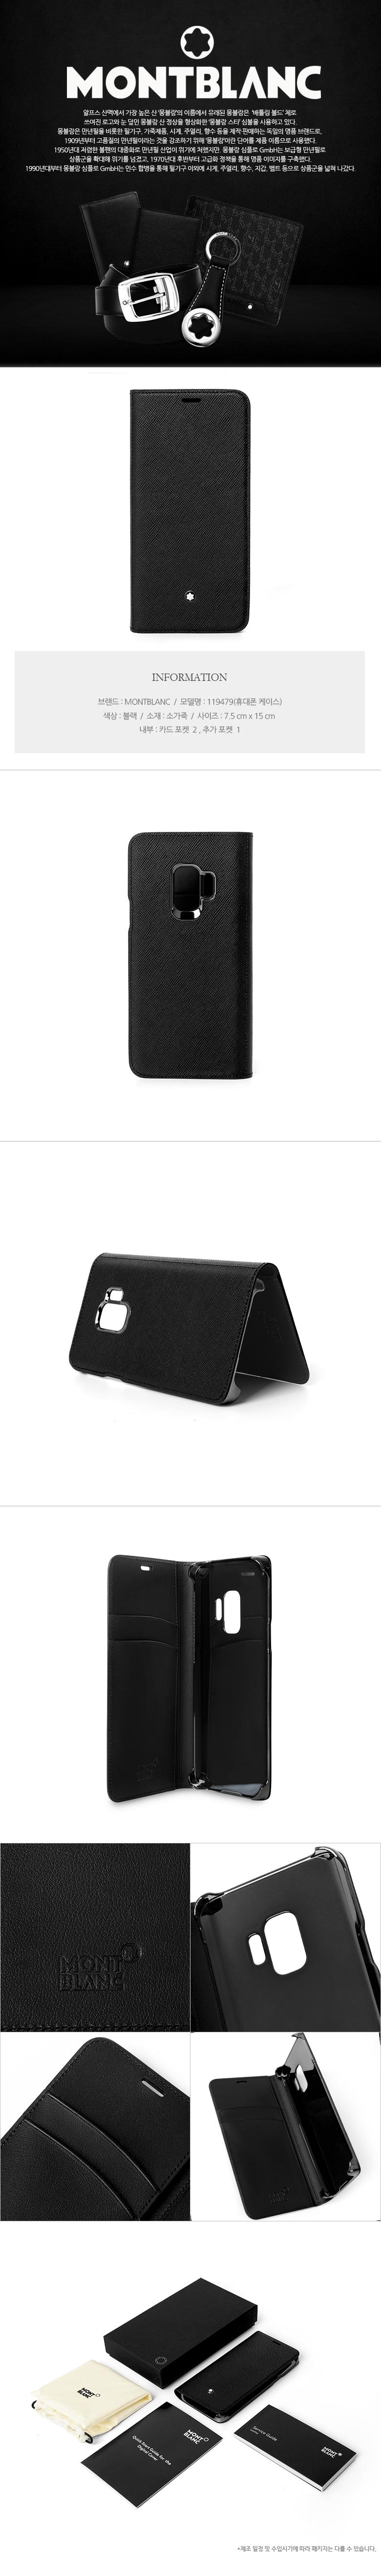 몽블랑(MONTBLANC) 119479 사토리얼 삼성 갤럭시 S9용 플립 커버